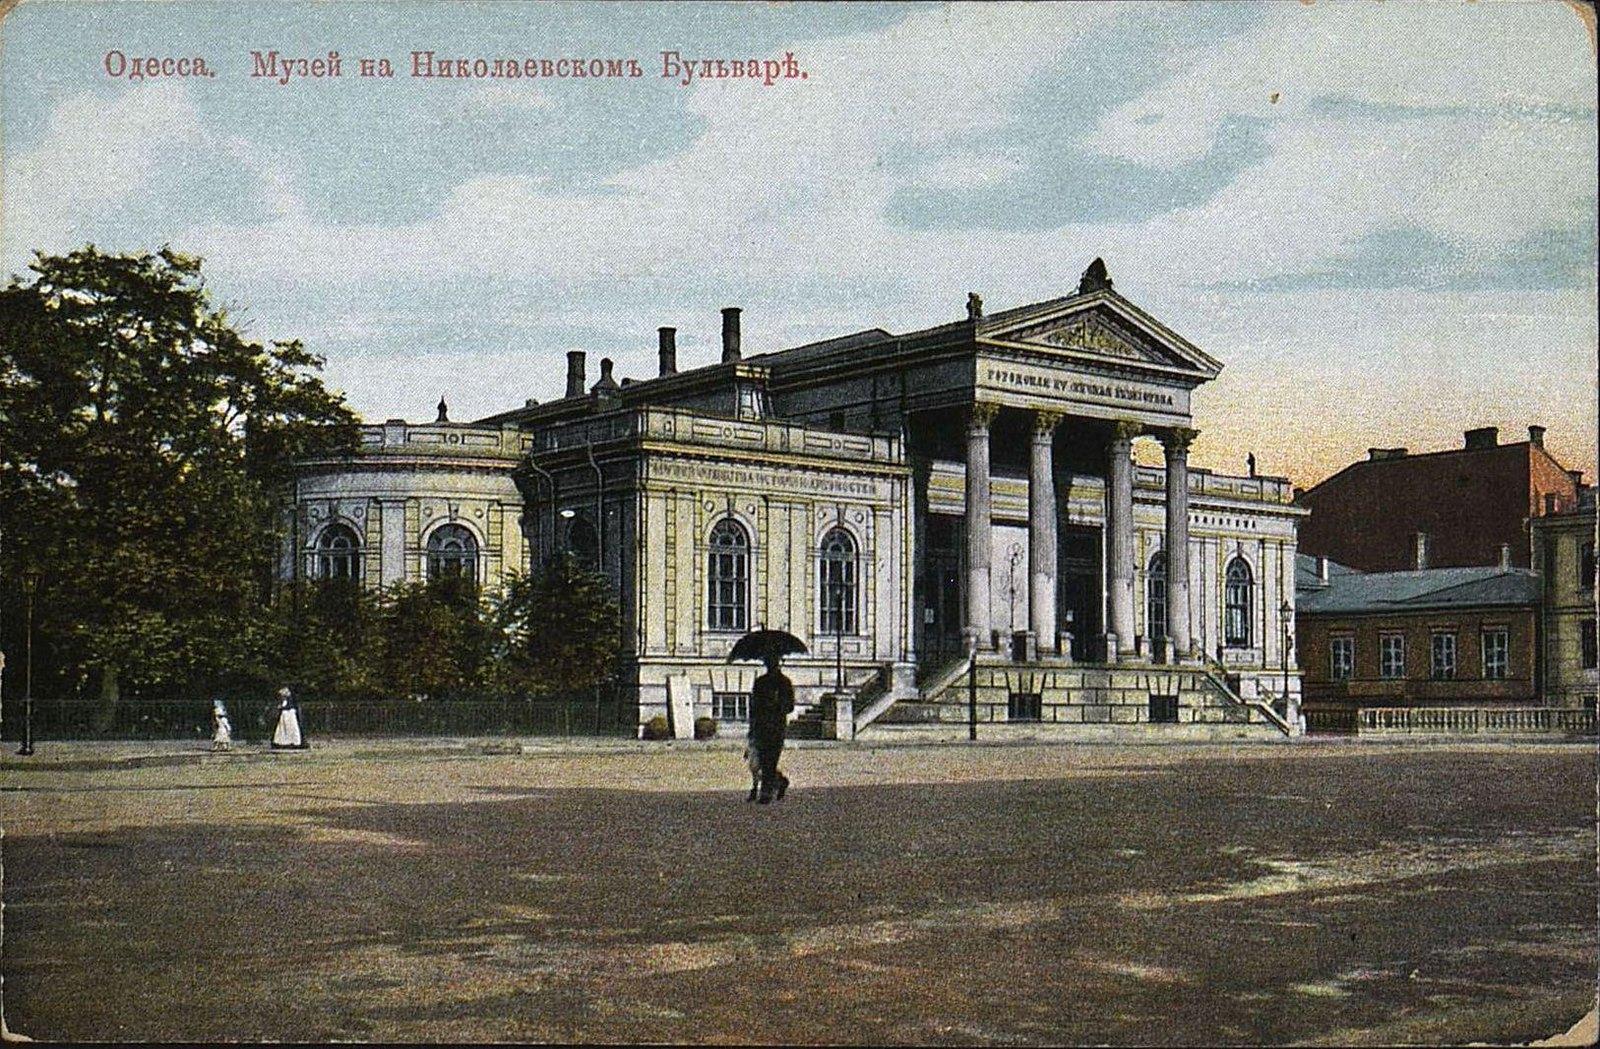 Музей на Николаевском бульваре